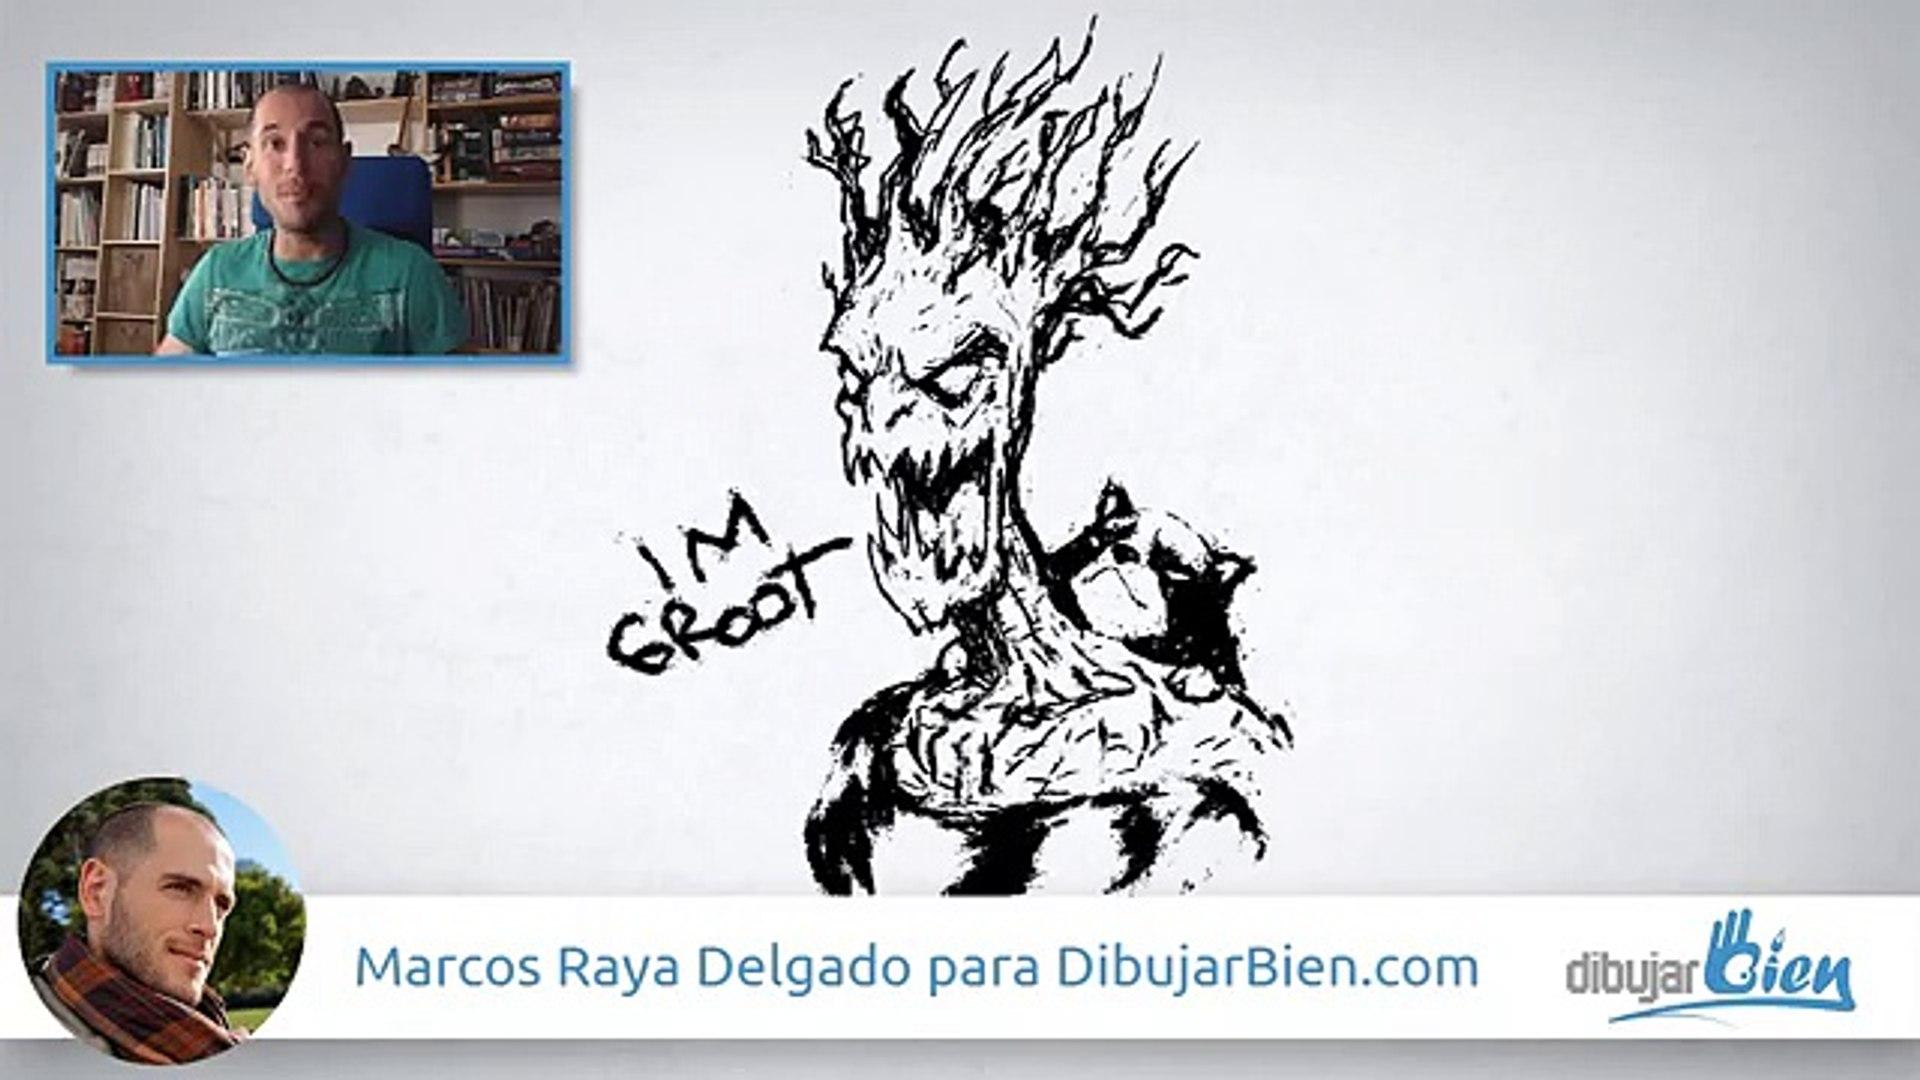 Dibujar a Groot, Guardianes de la galaxia - Drawing Groot - Dibujar Bien.com